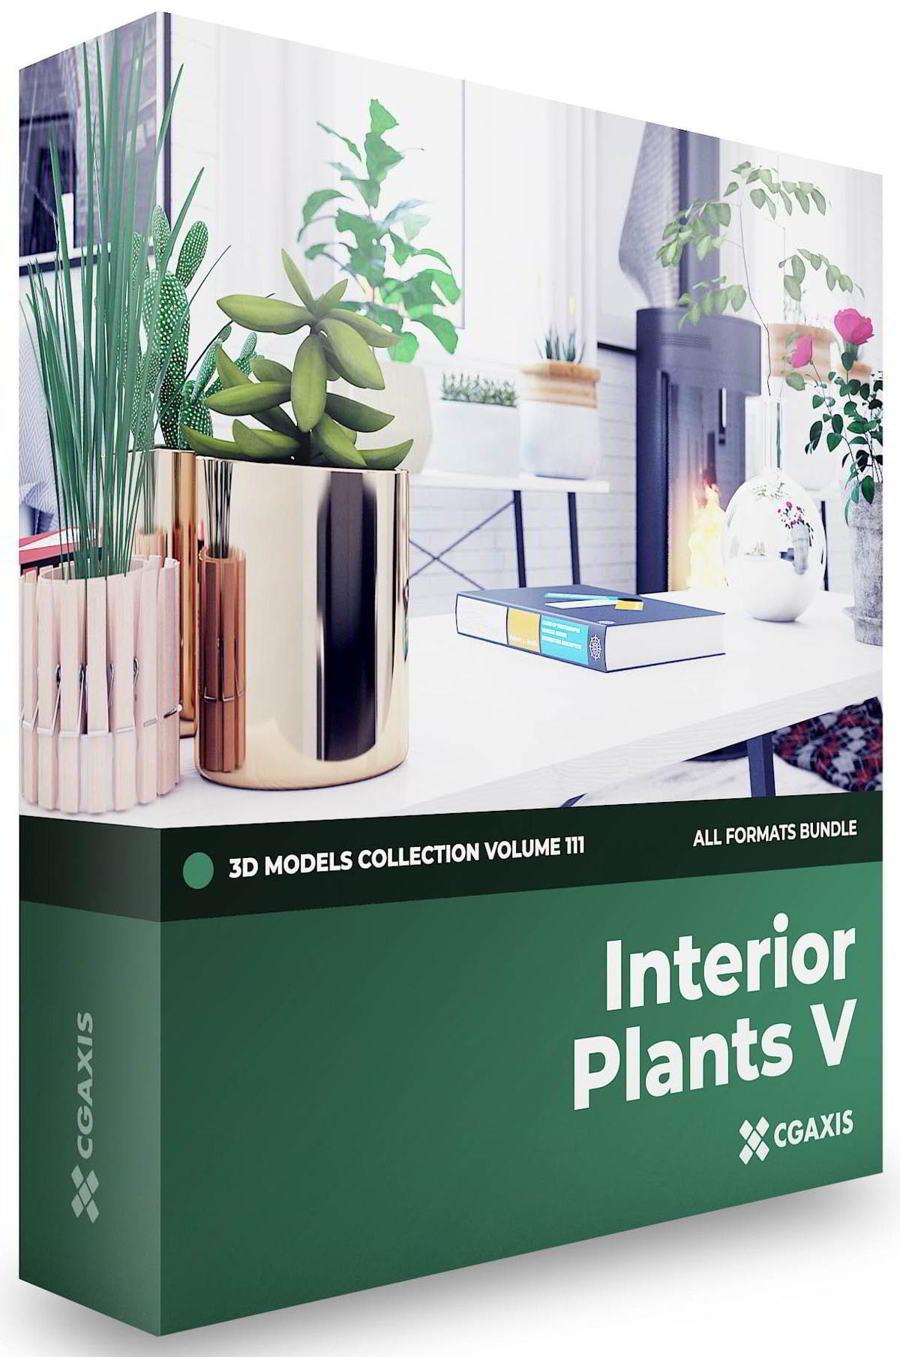 دانلود رایگان مدل سه بعدی گل تزیینی CGAxis – Interior Plants 3D Models Collection – Volume 111